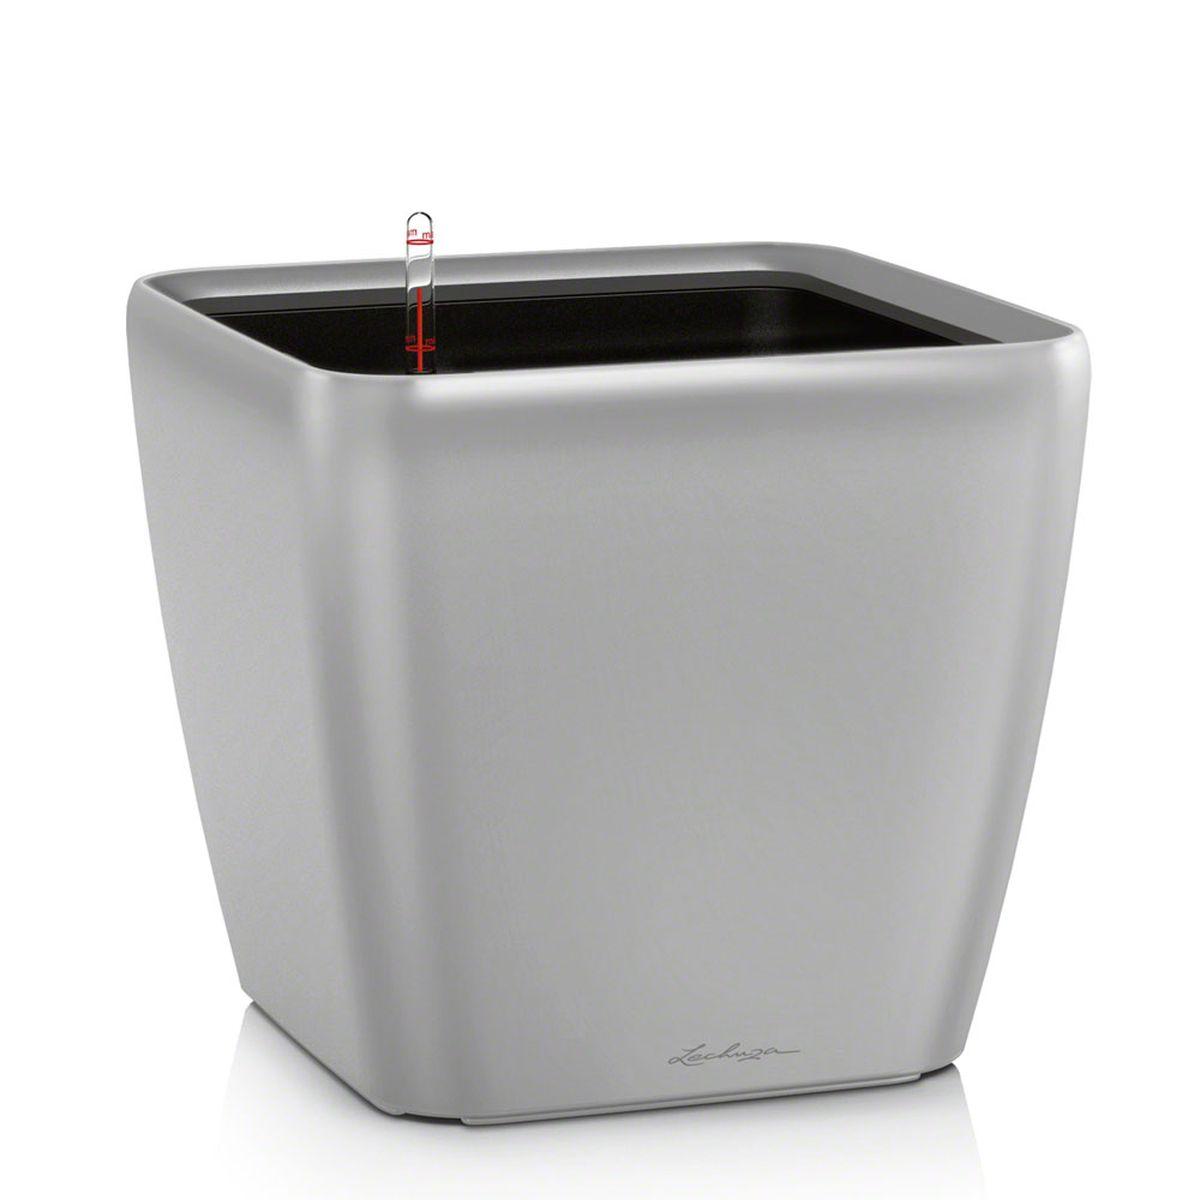 Кашпо Lechuza Quadro, с системой автополива, цвет: серебристый, 33 х 33 х 35 см16168Кашпо Lechuza Quadro, выполненное из высококачественного пластика, имеет уникальную систему автополива, благодаря которой корневая система растения непрерывно снабжается влагой из резервуара. Уровень воды в резервуаре контролируется с помощью специального индикатора. В зависимости от размера кашпо и растения воды хватает на 2-12 недель. Это способствует хорошему росту цветов и предотвращает переувлажнение. В набор входит: кашпо, внутренний горшок, индикатор уровня воды, вал подачи воды, субстрат растений в качестве дренажного слоя, резервуар для воды. Кашпо Lechuza Quadro прекрасно впишется в любой интерьер. Оно поможет расставить нужные акценты и придаст помещению вид, соответствующий вашим представлениям.